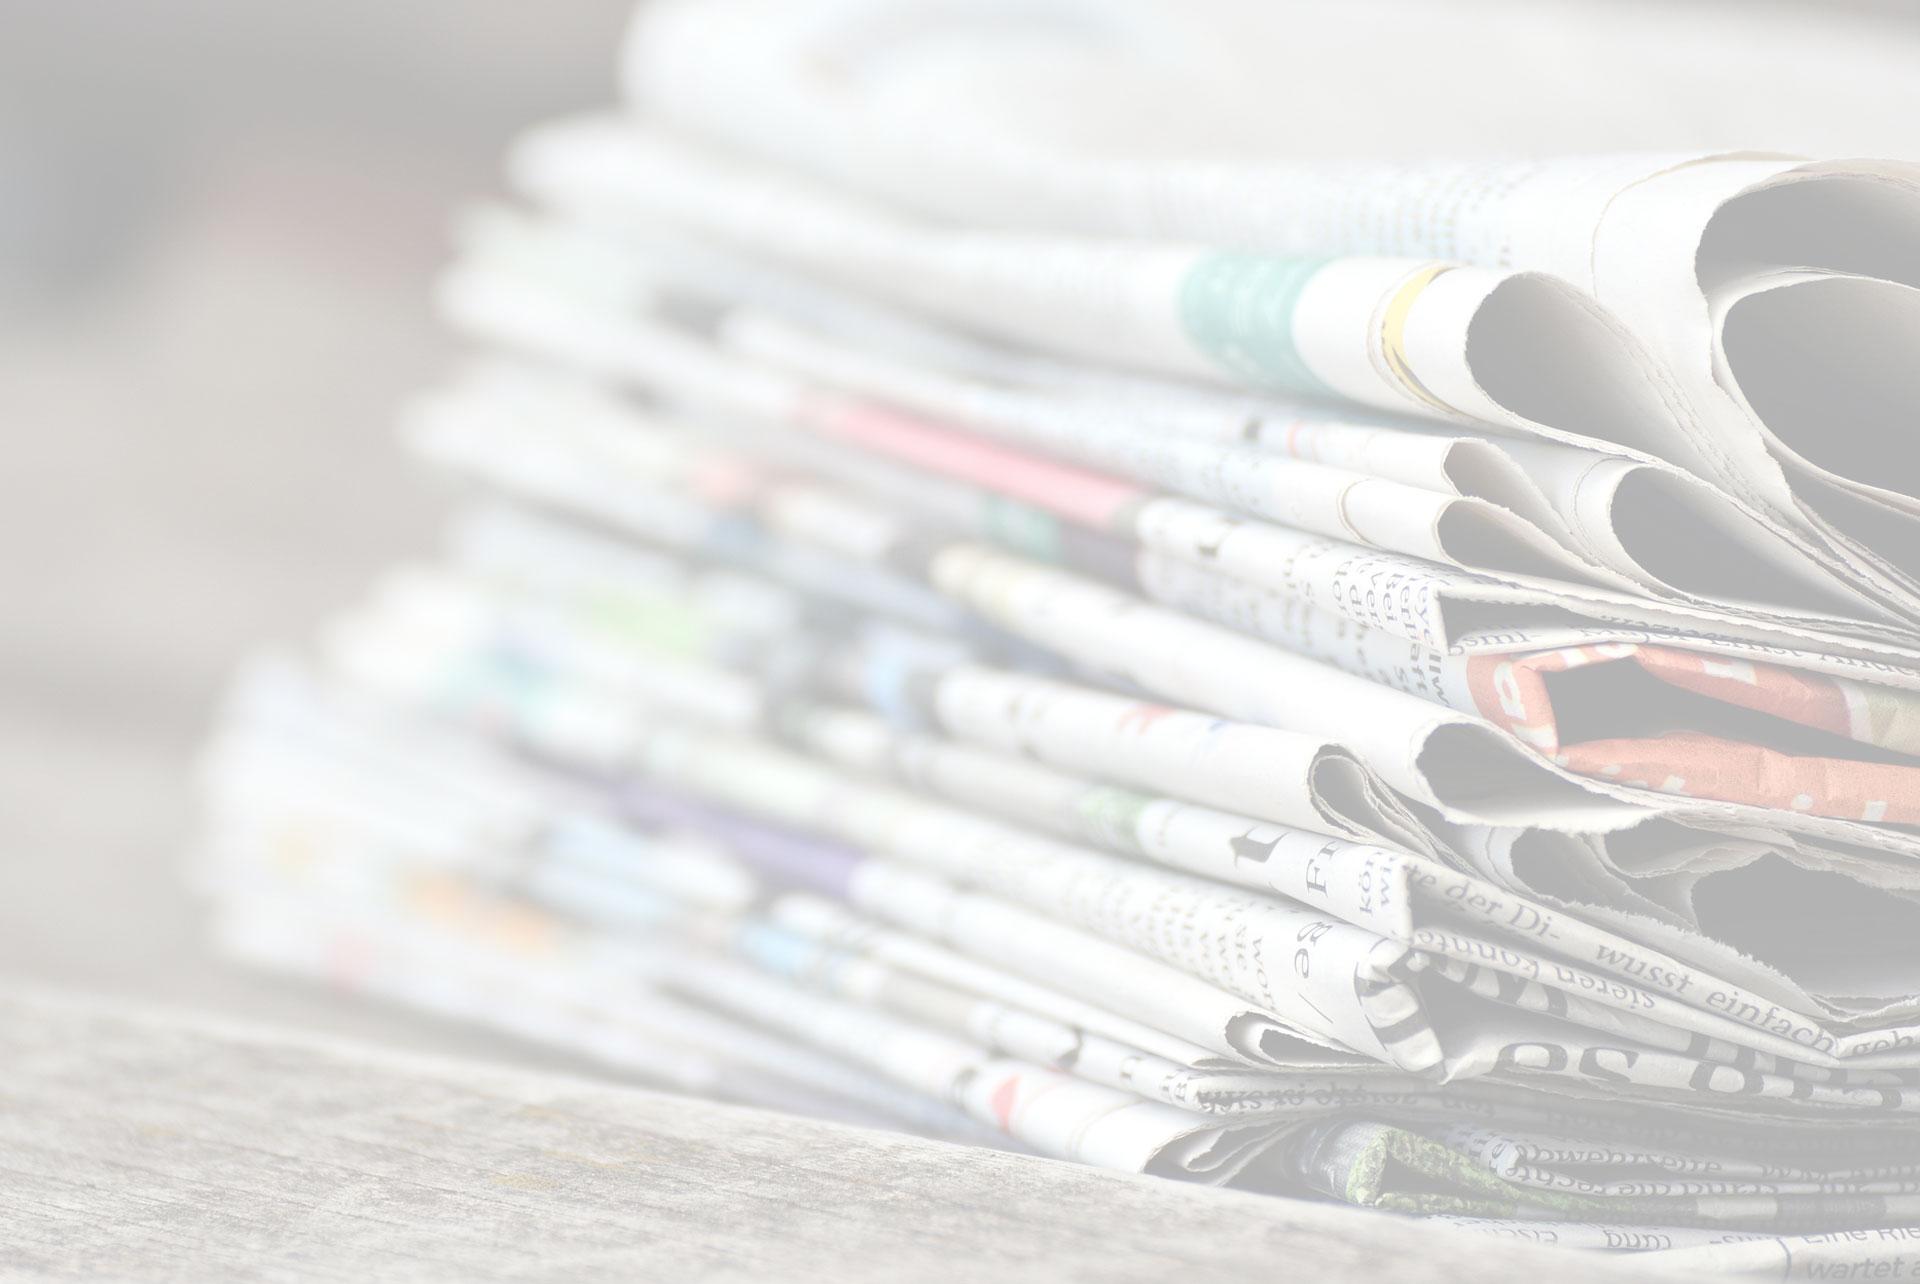 Christophe Galtier Champions Leonardo Ivan Gazidis Paolo Maldini Milan